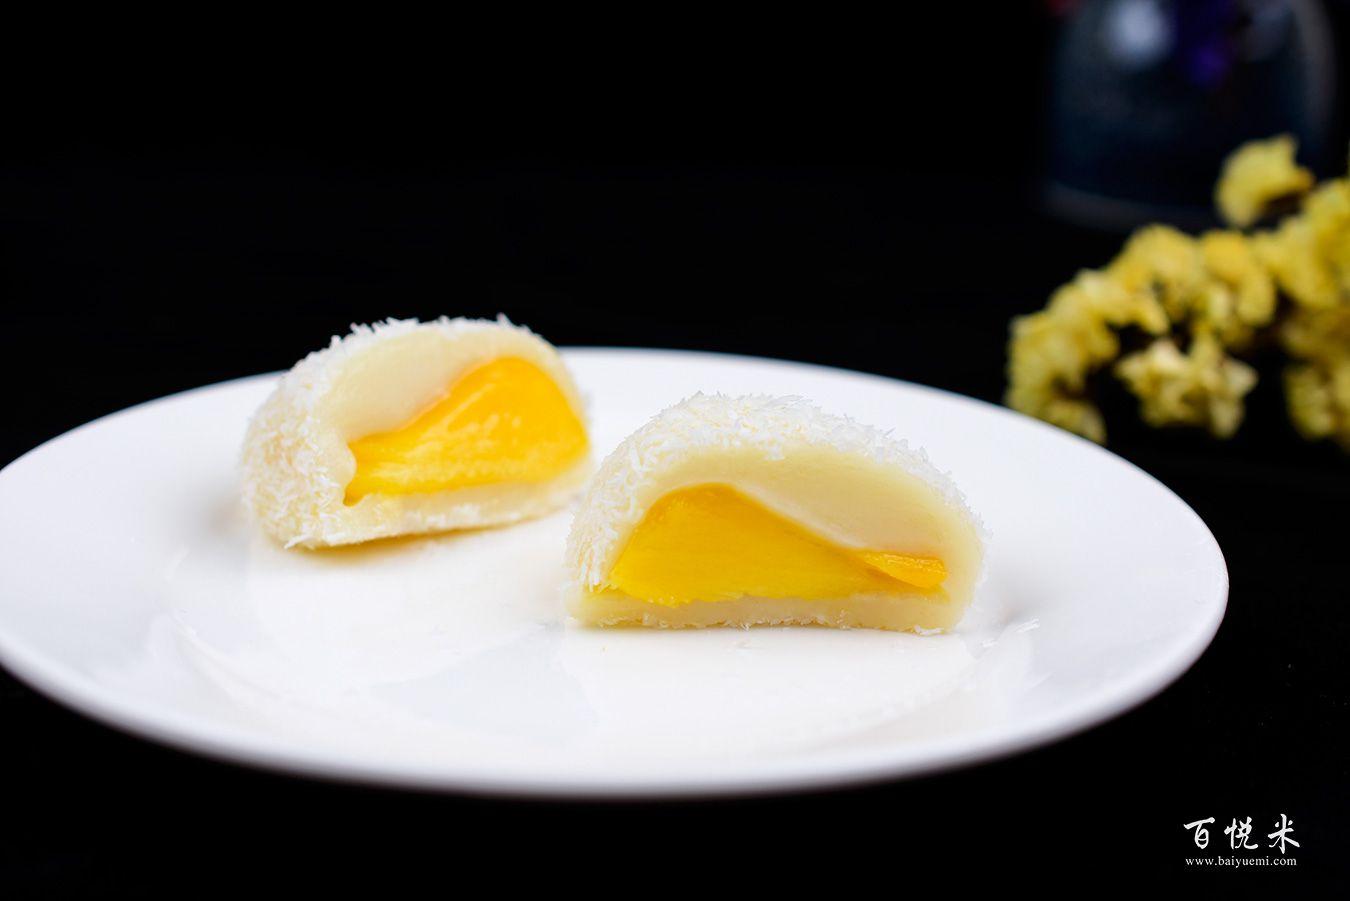 芒果糯米糍高清图片大全【蛋糕图片】_952